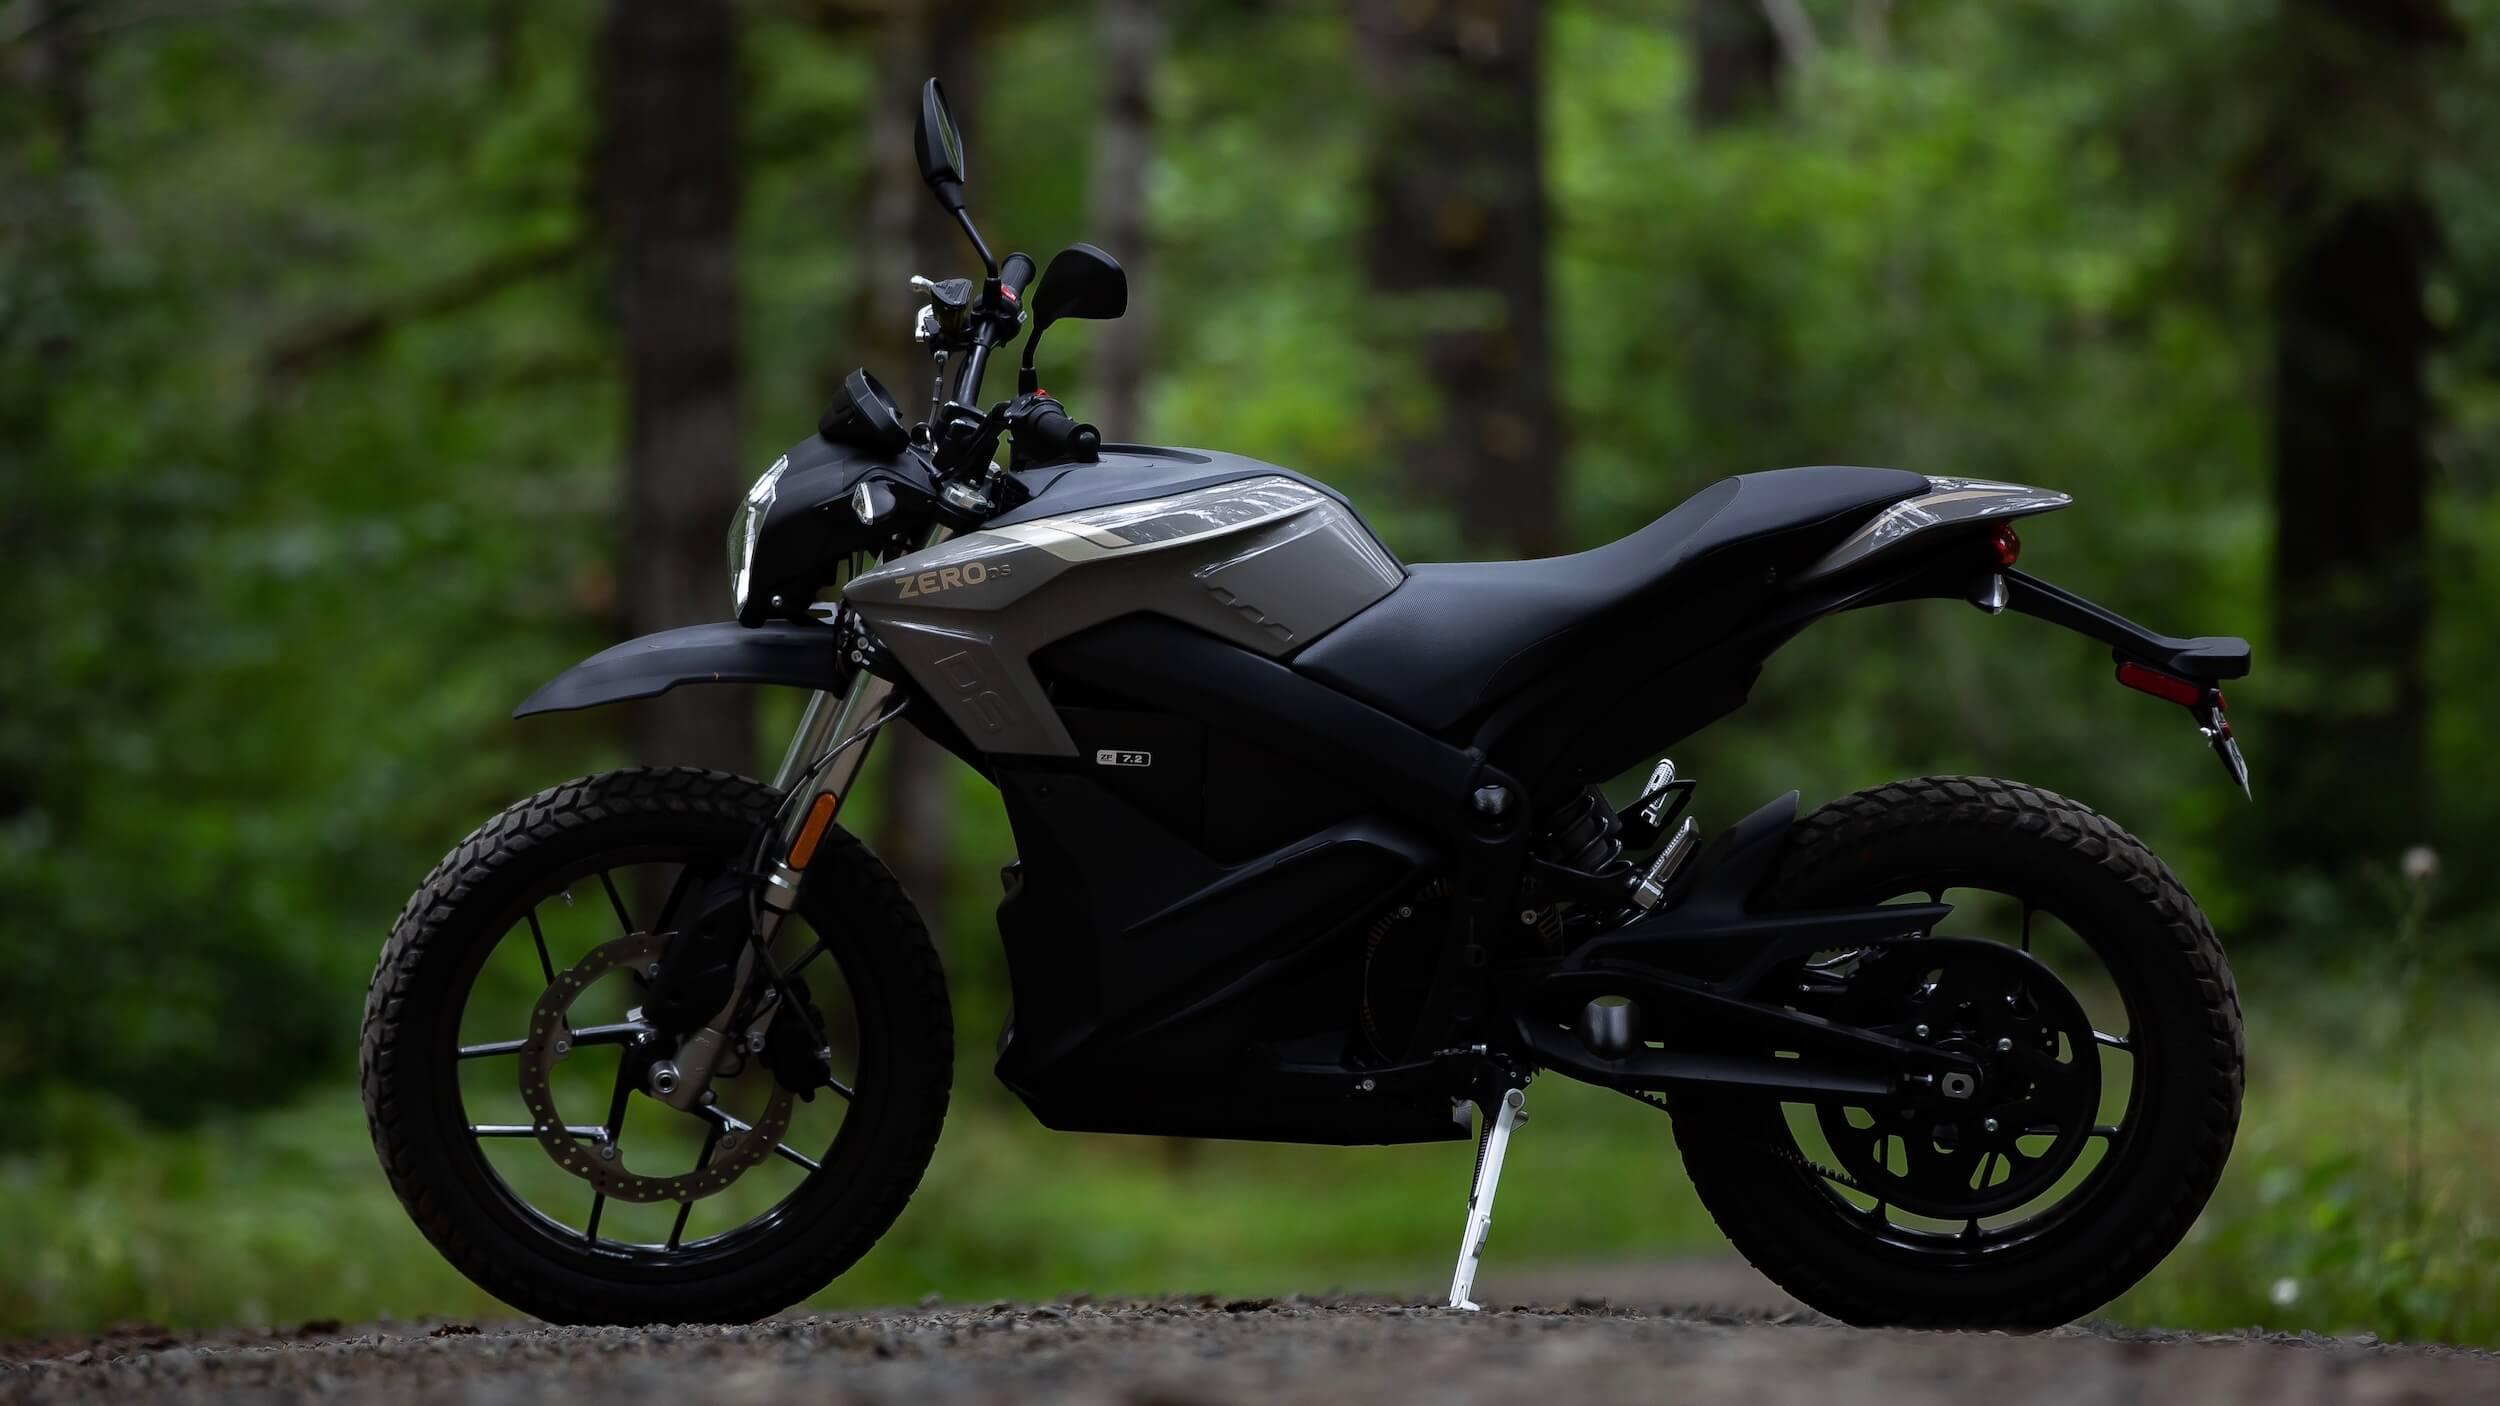 2020 Zero DS elektrische motorfiets